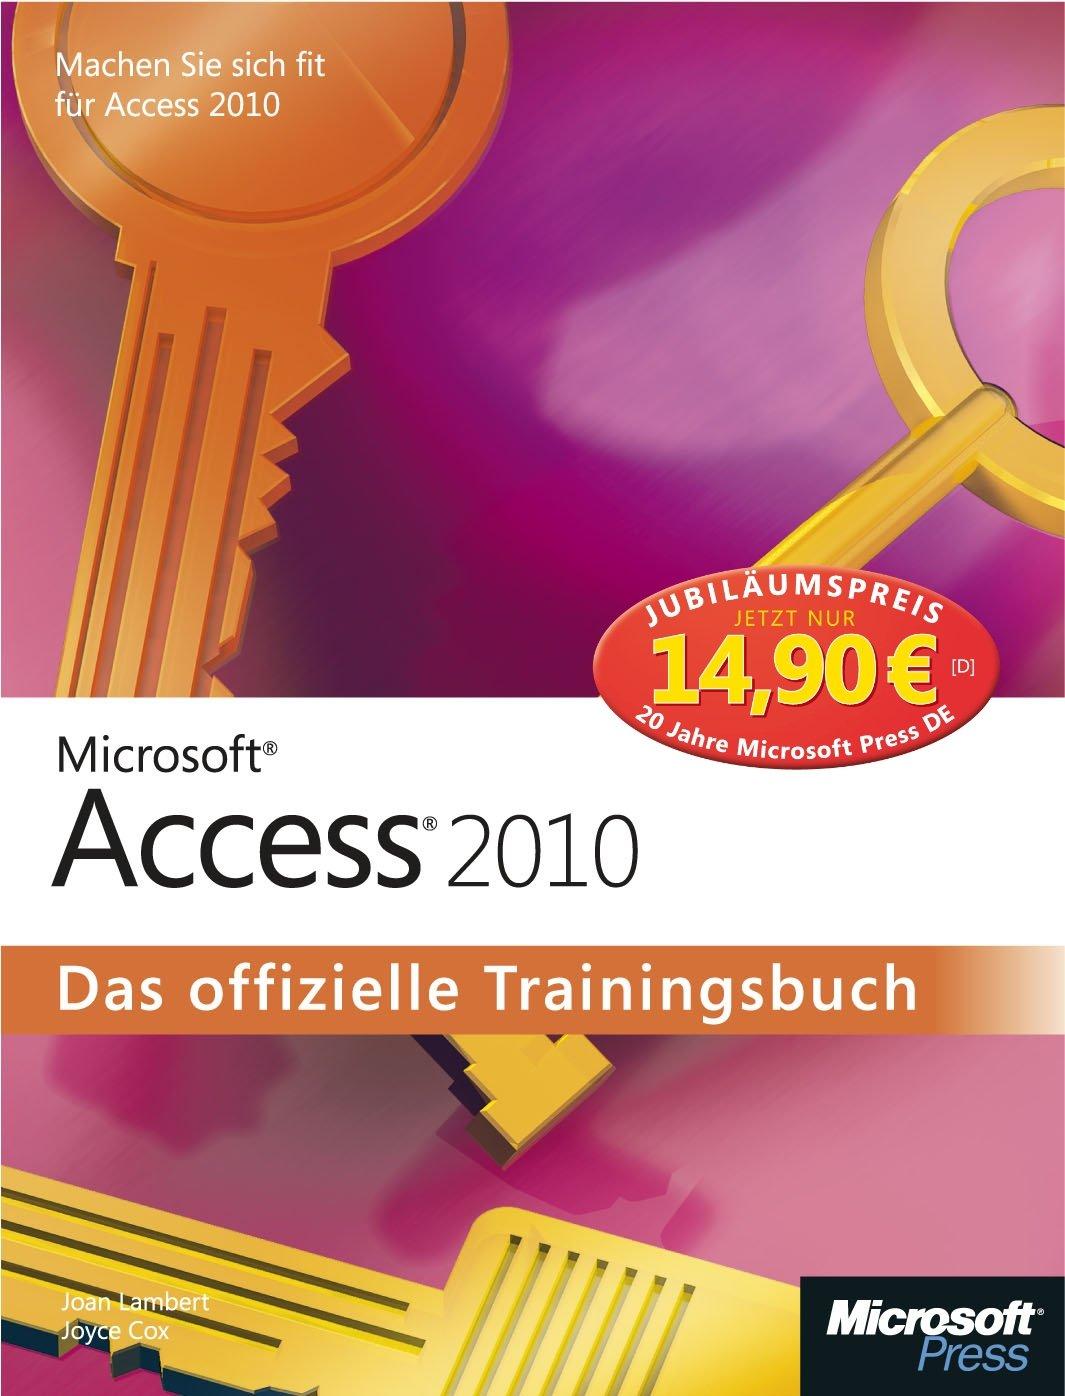 Microsoft Access 2010 - Das offizielle Trainingsbuch, Jubiläumsausgabe zum Sonderpreis: MachenSiesichfitfürAccess2010! Broschiert – 12. Juni 2012 Joyce Cox Joan Lambert 3866450567 978-3-86645-056-1